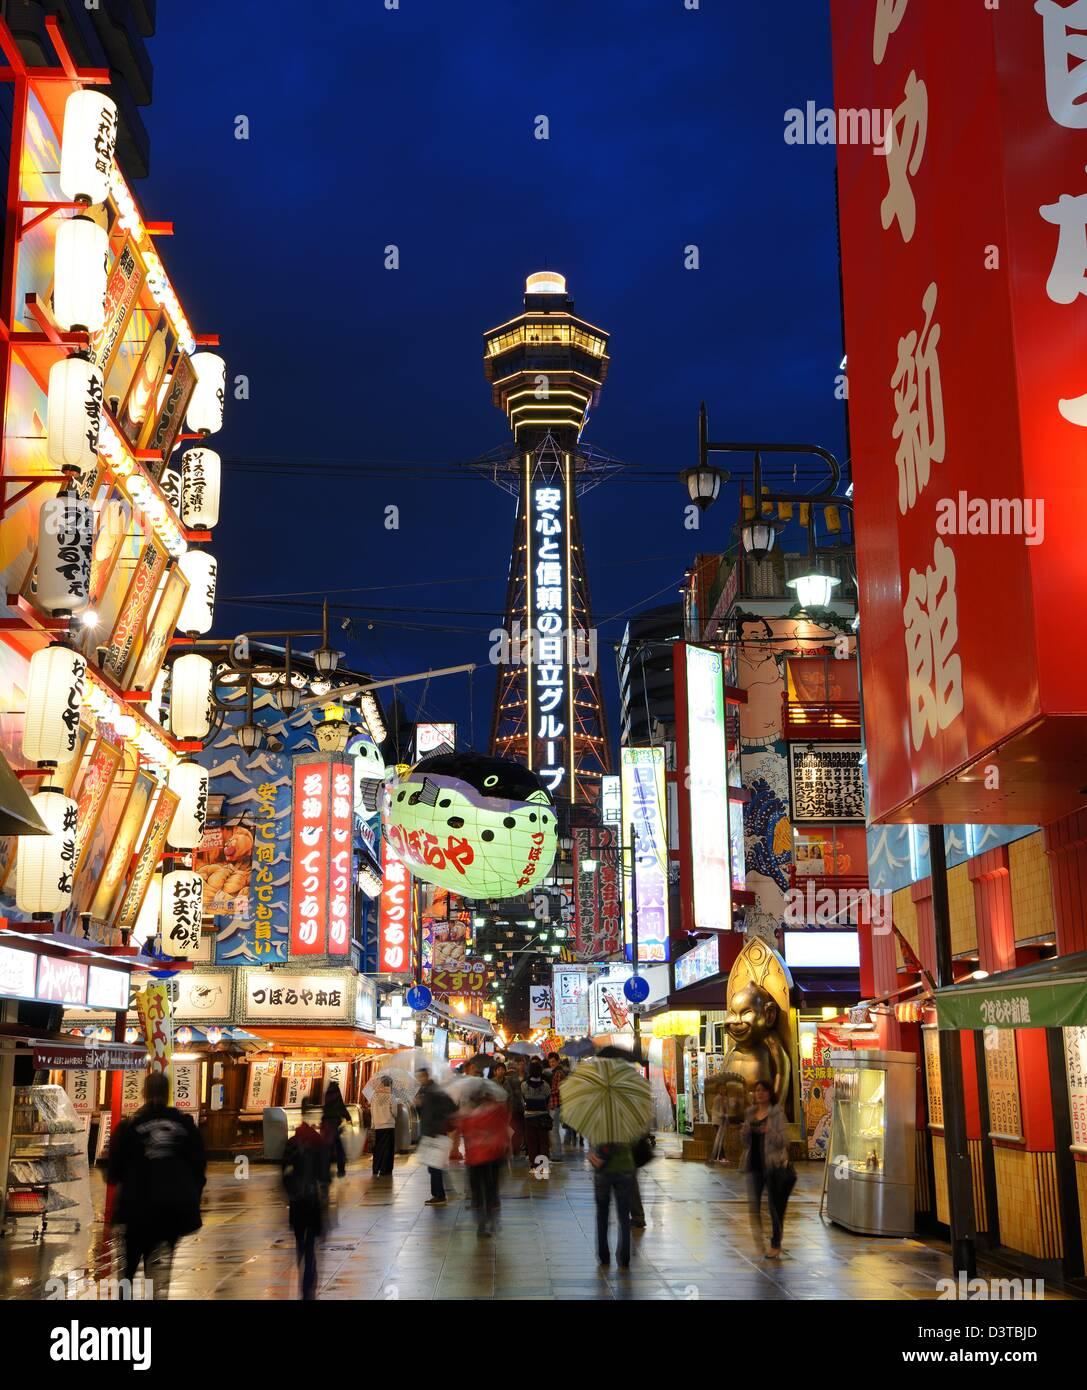 Shinsekai distrito de Osaka, Japón. Imagen De Stock